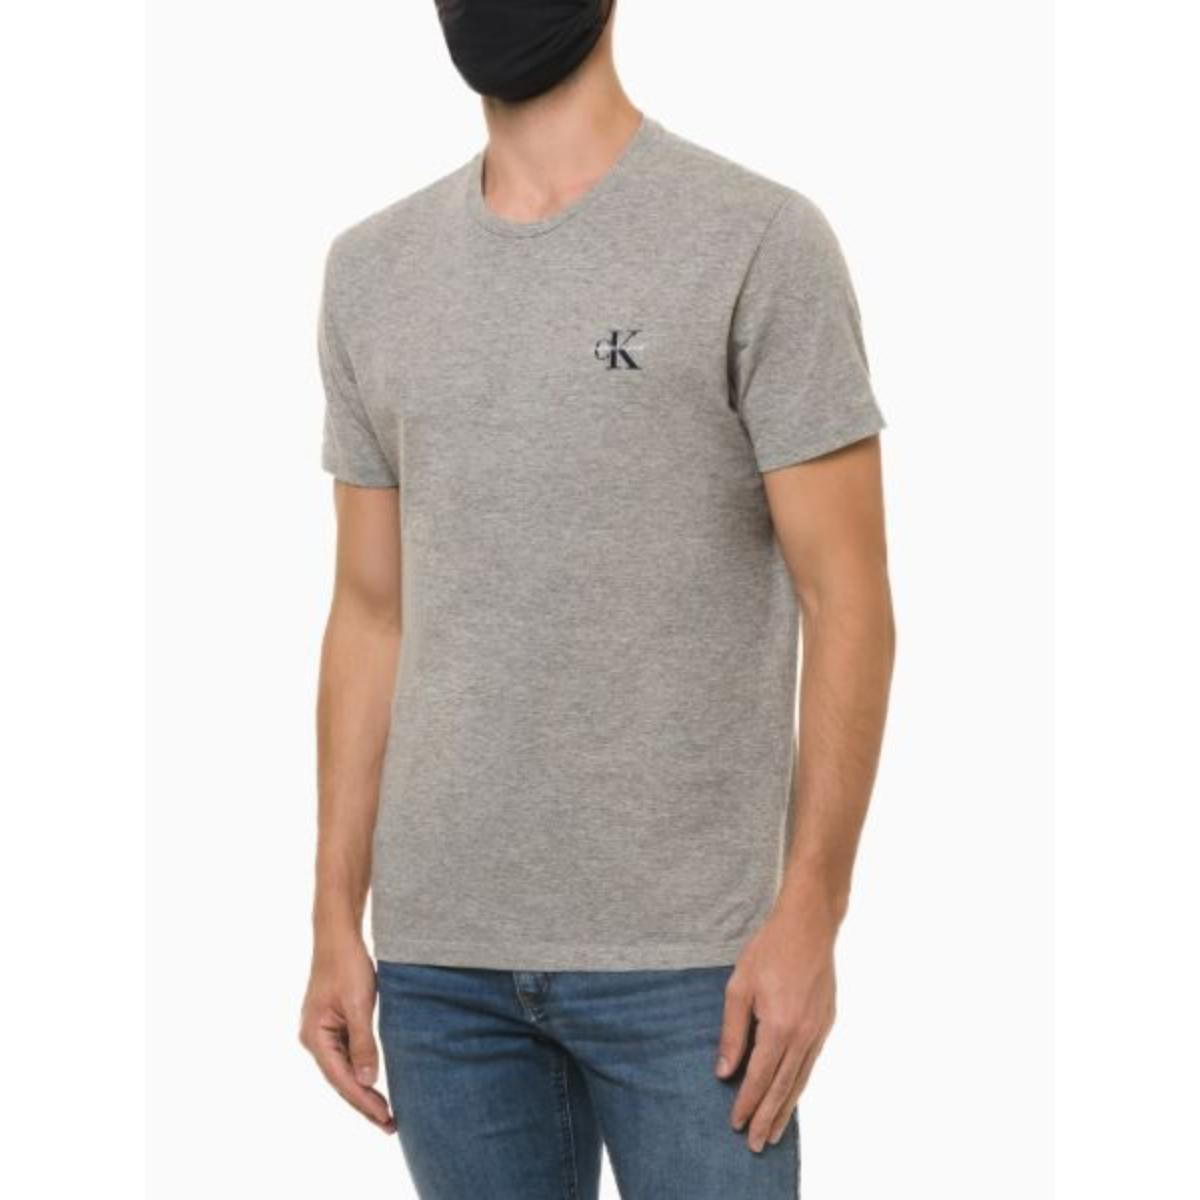 Camiseta Masculina Calvin Klein Ckjm103 Mescla